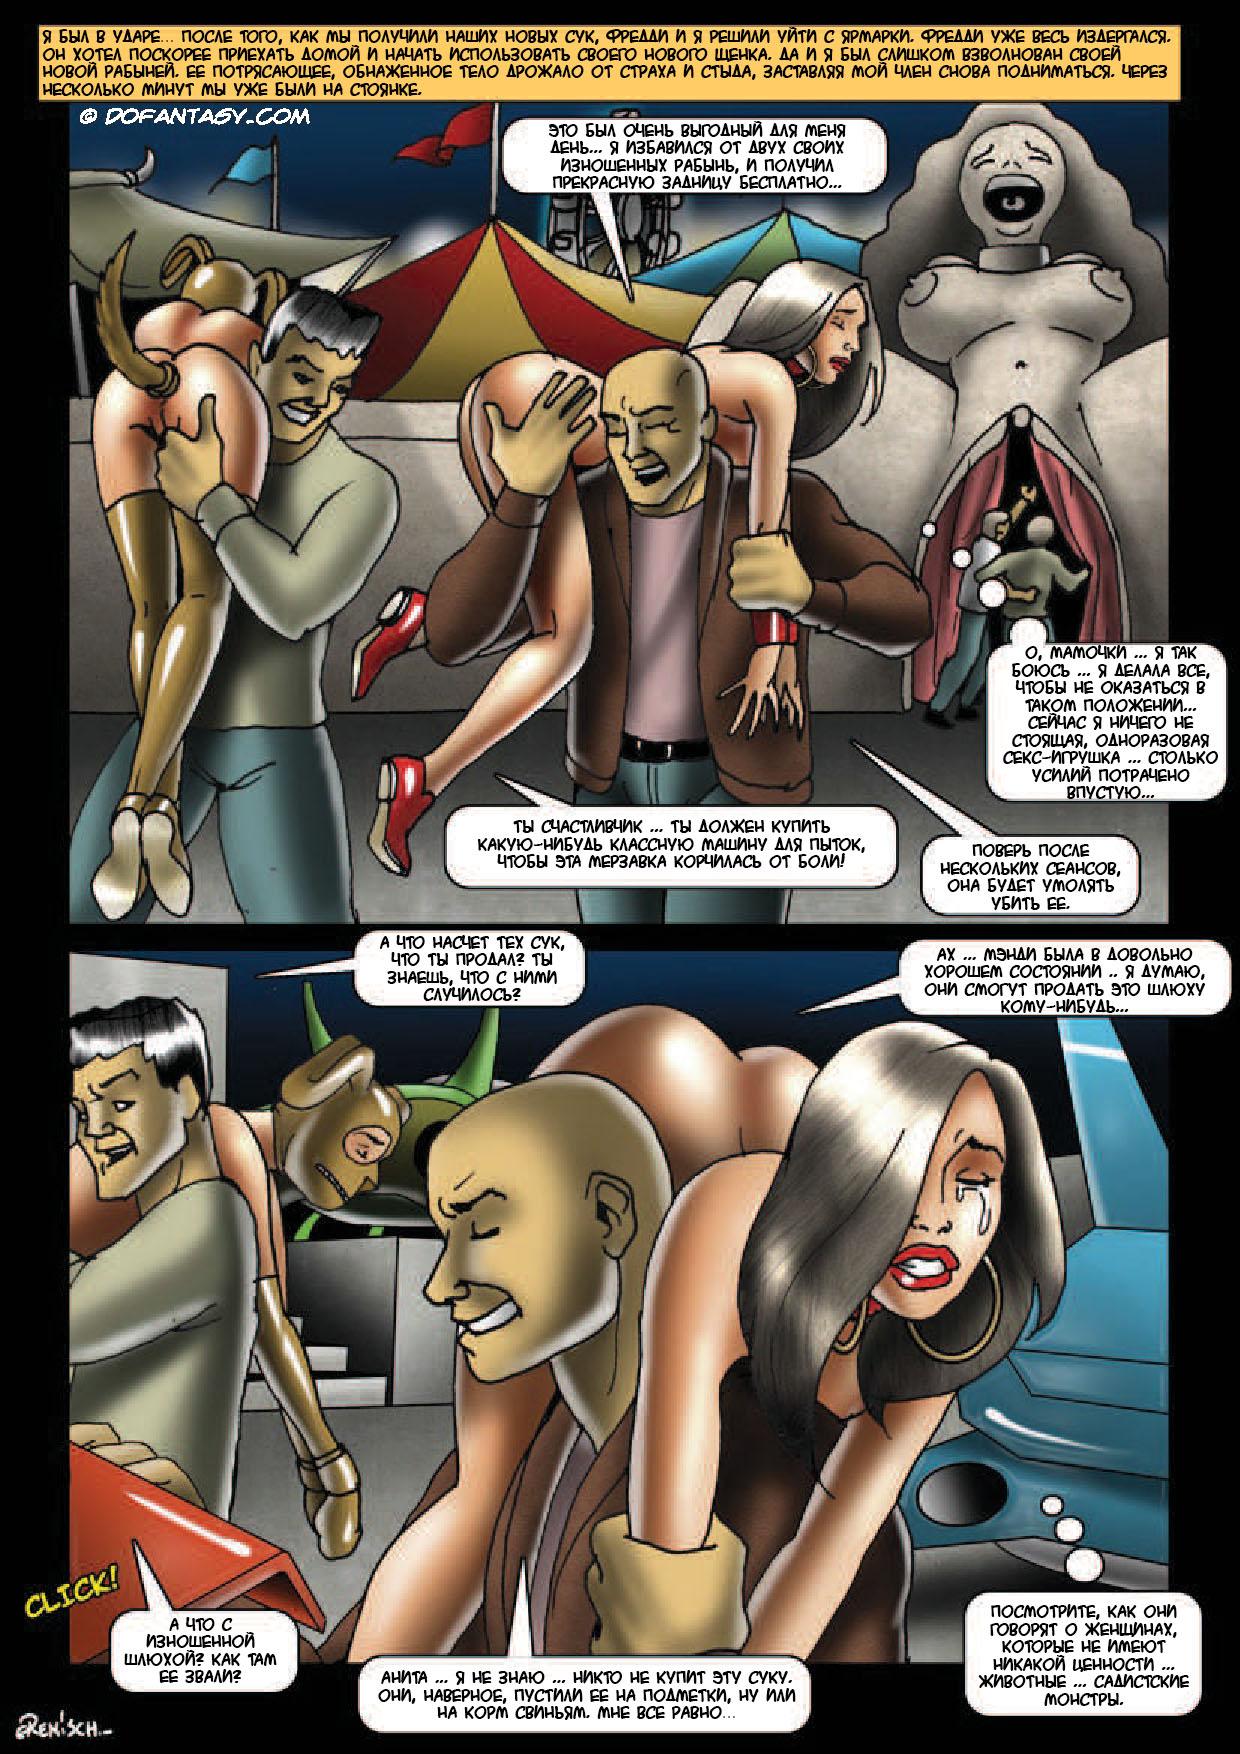 Все комиксы секс охота лесбиянок